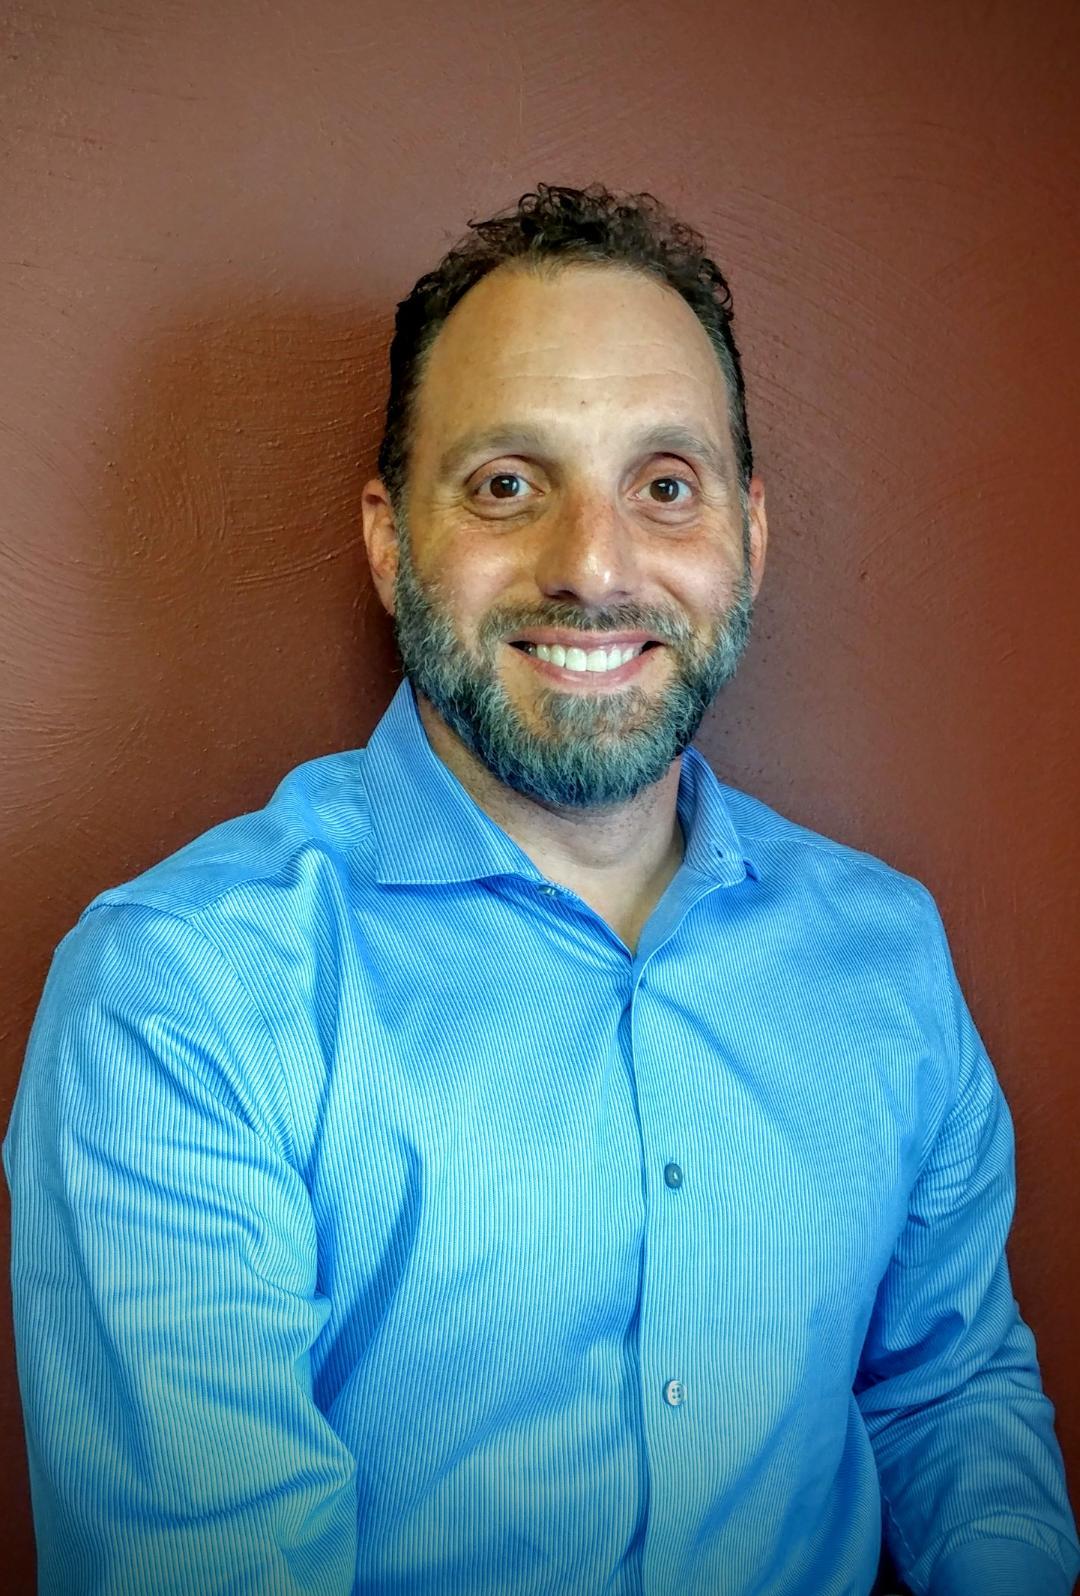 Brett Pechersky